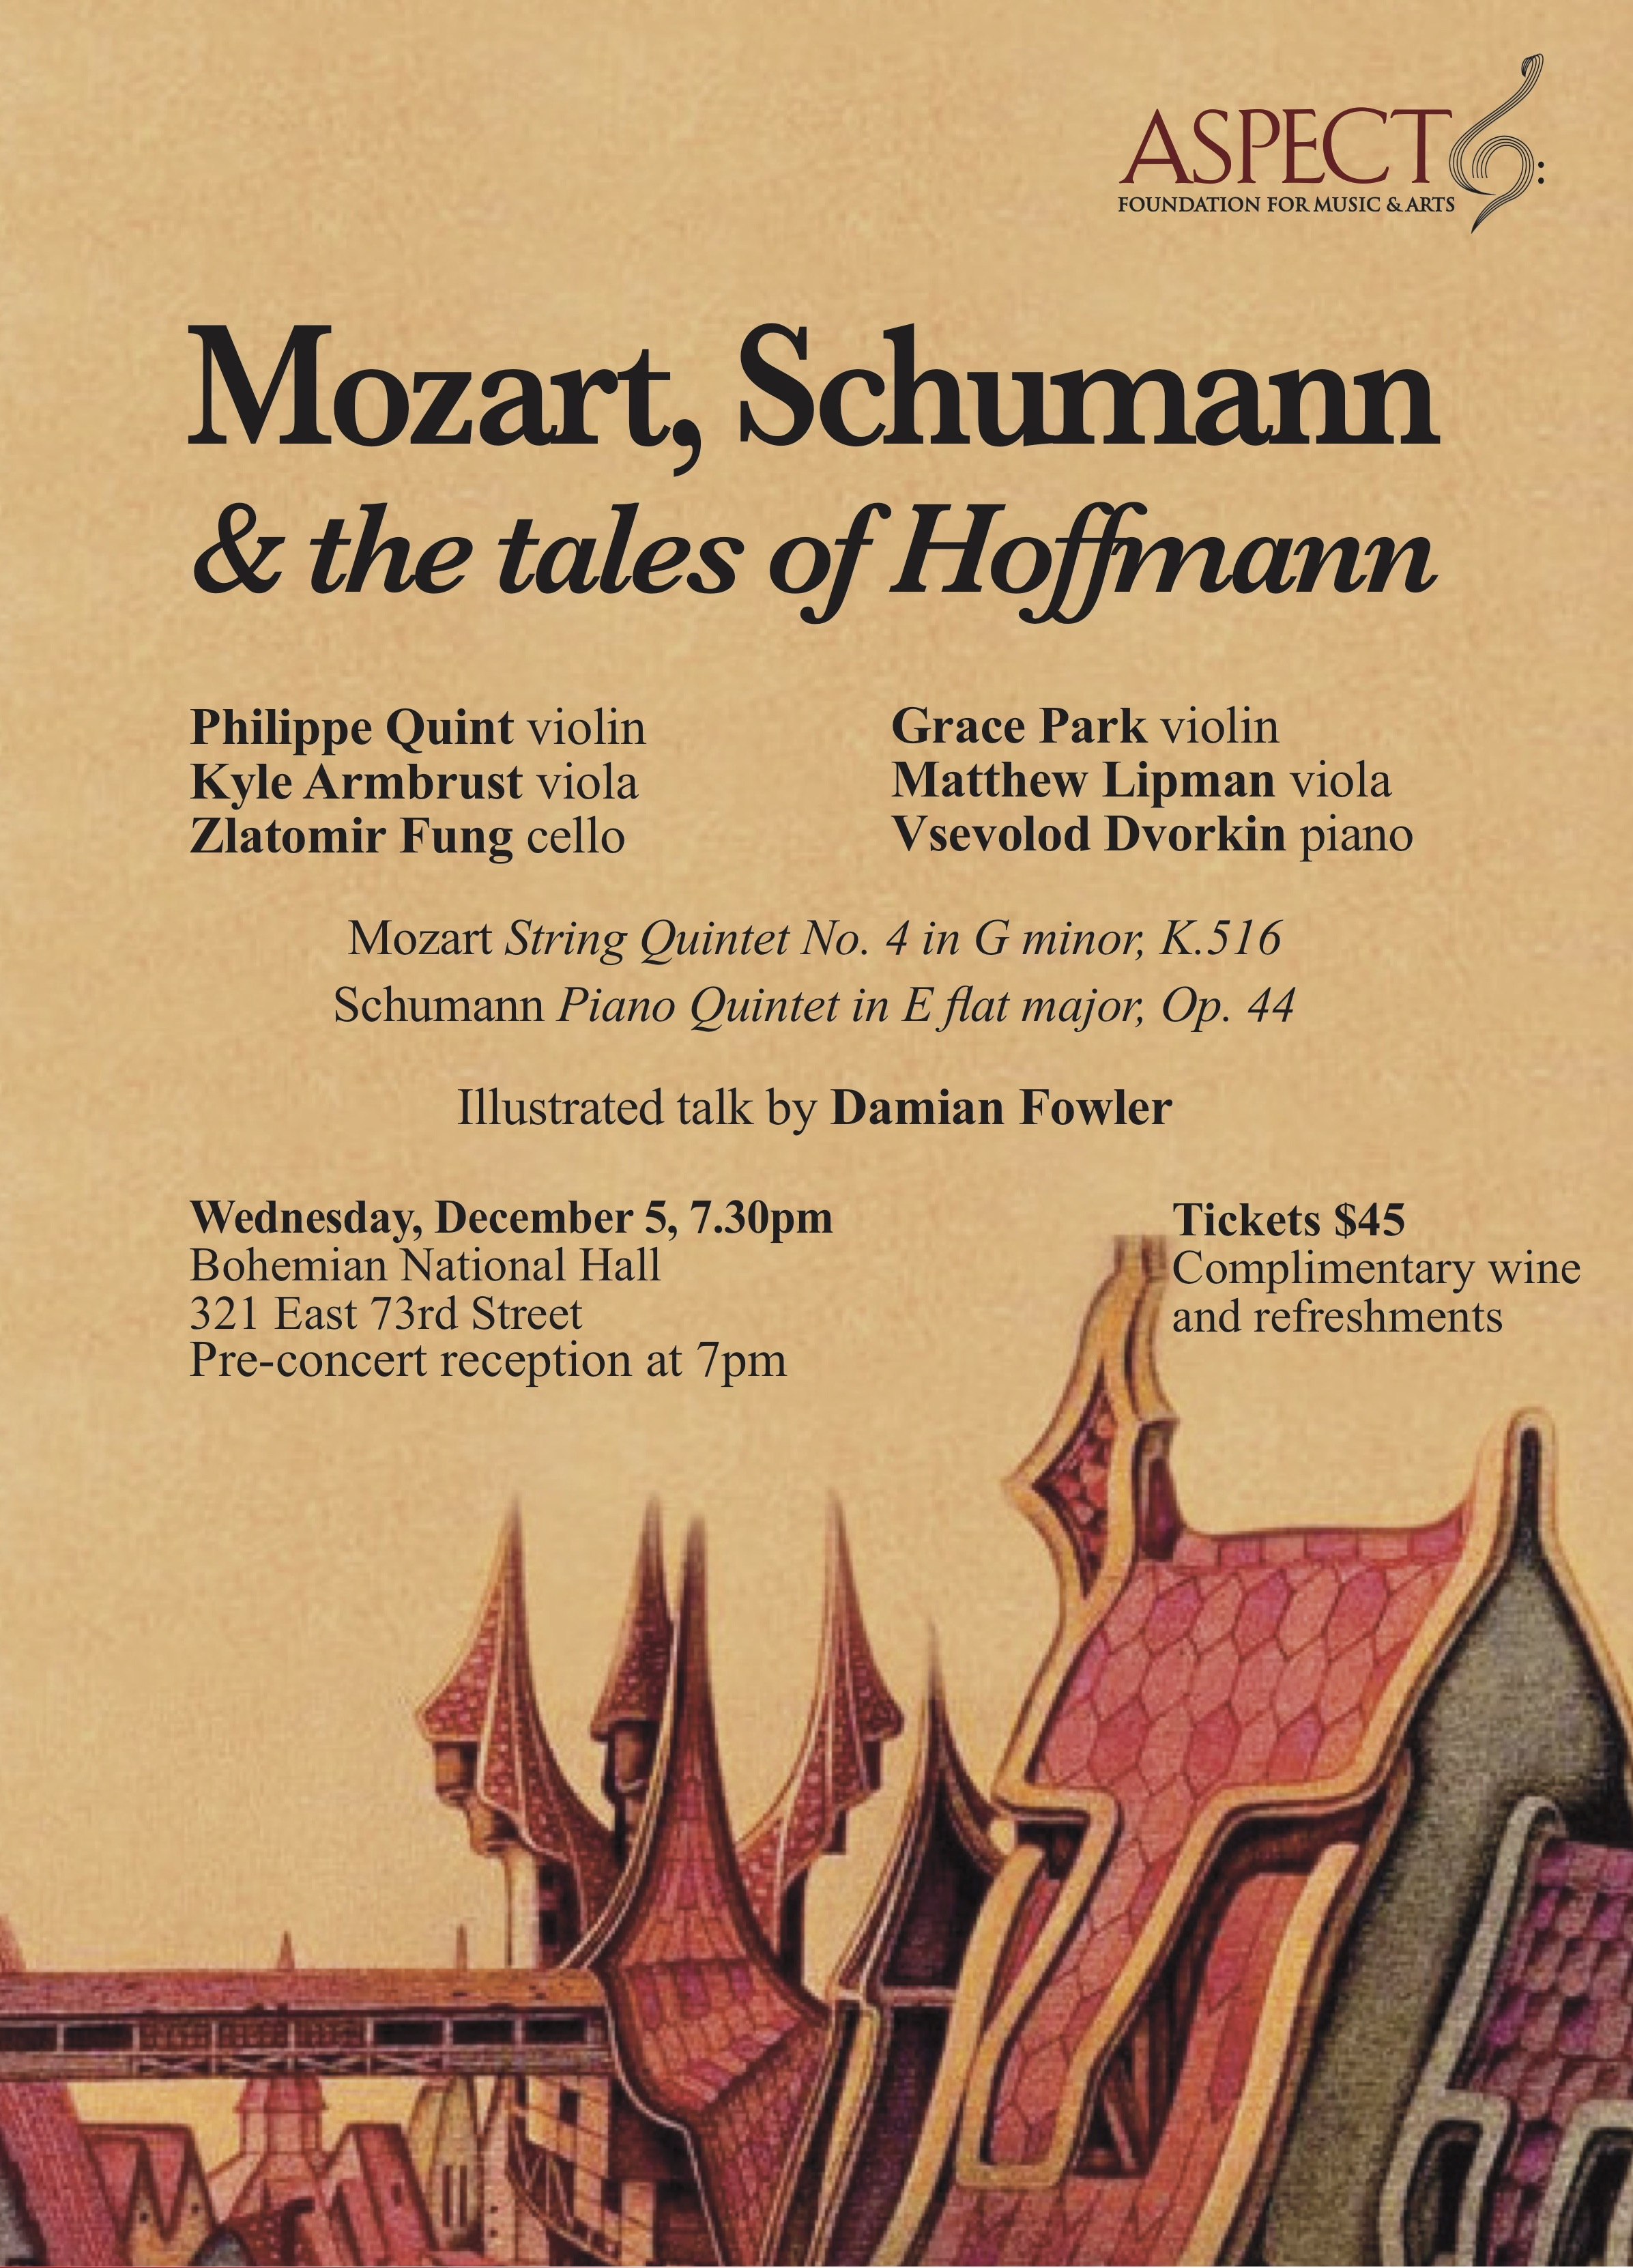 ASPCT18 Hoffmann poster1.jpg